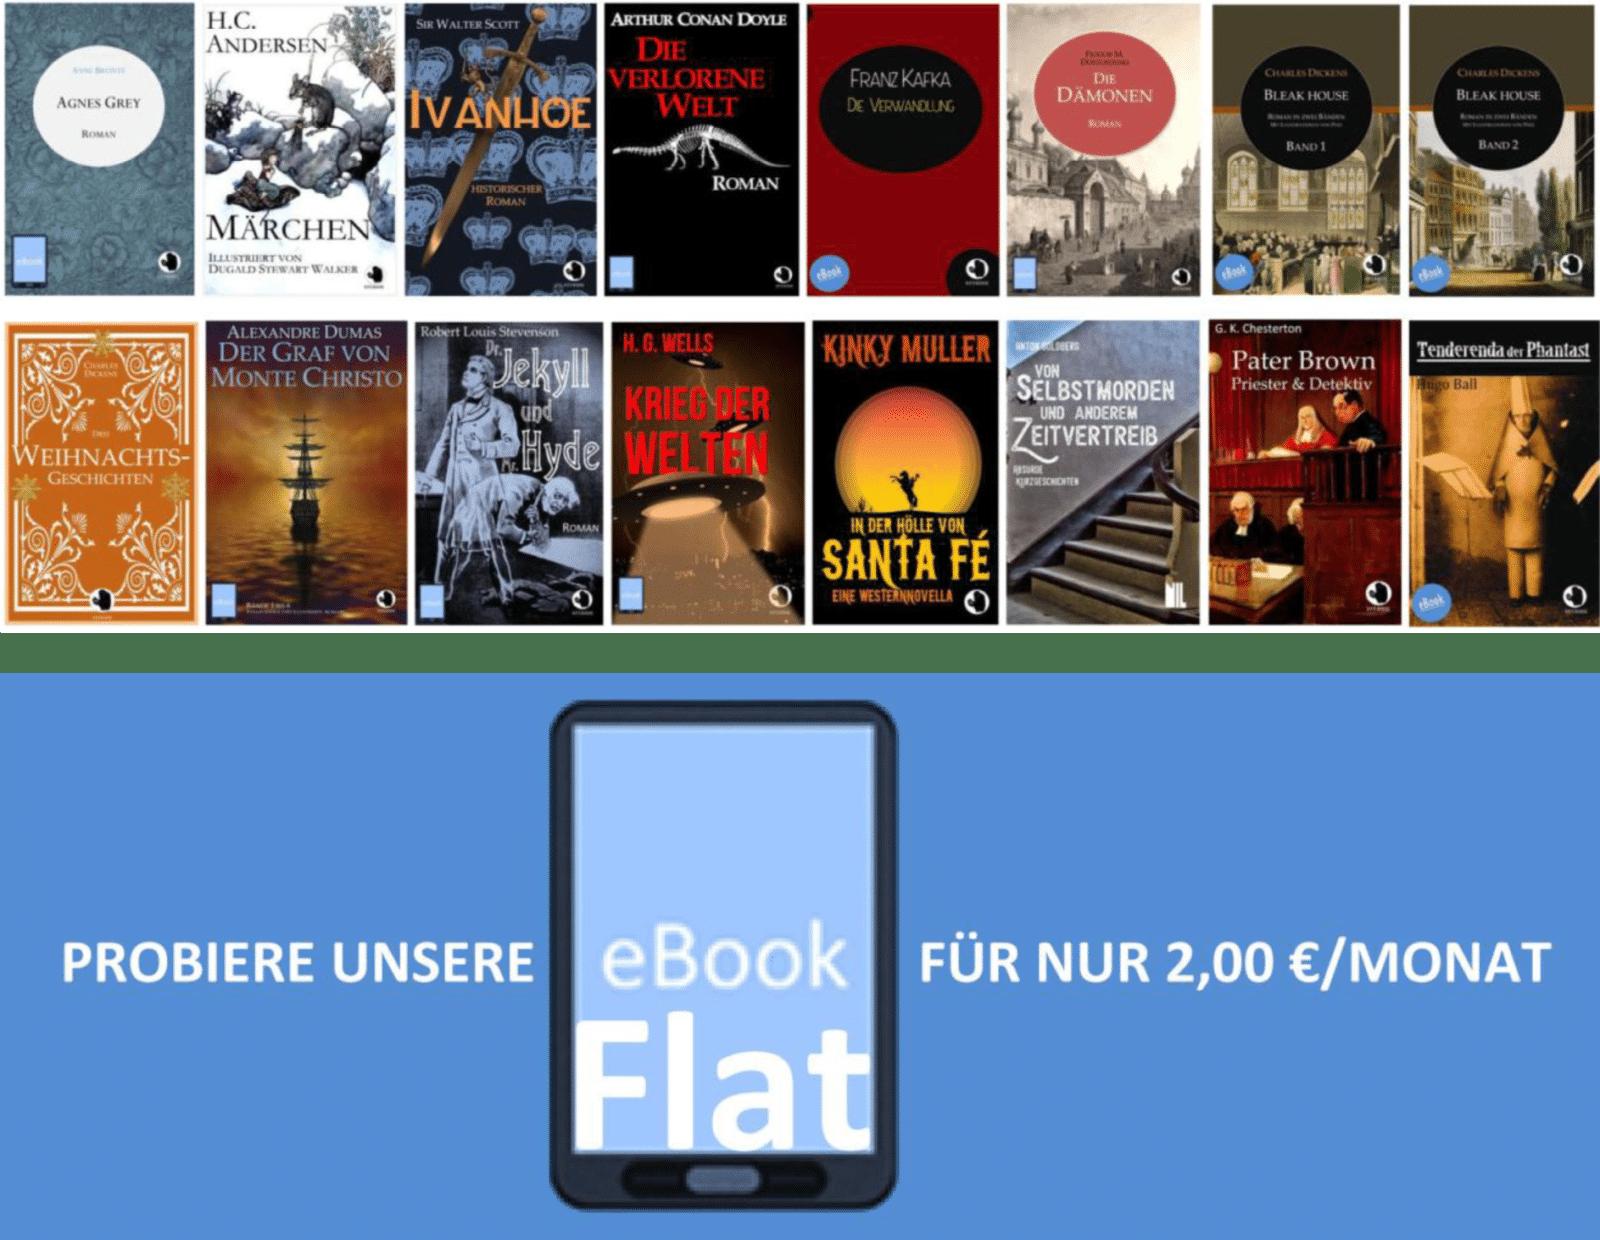 Bau Dir Deine eBook-Bibliothek auf!